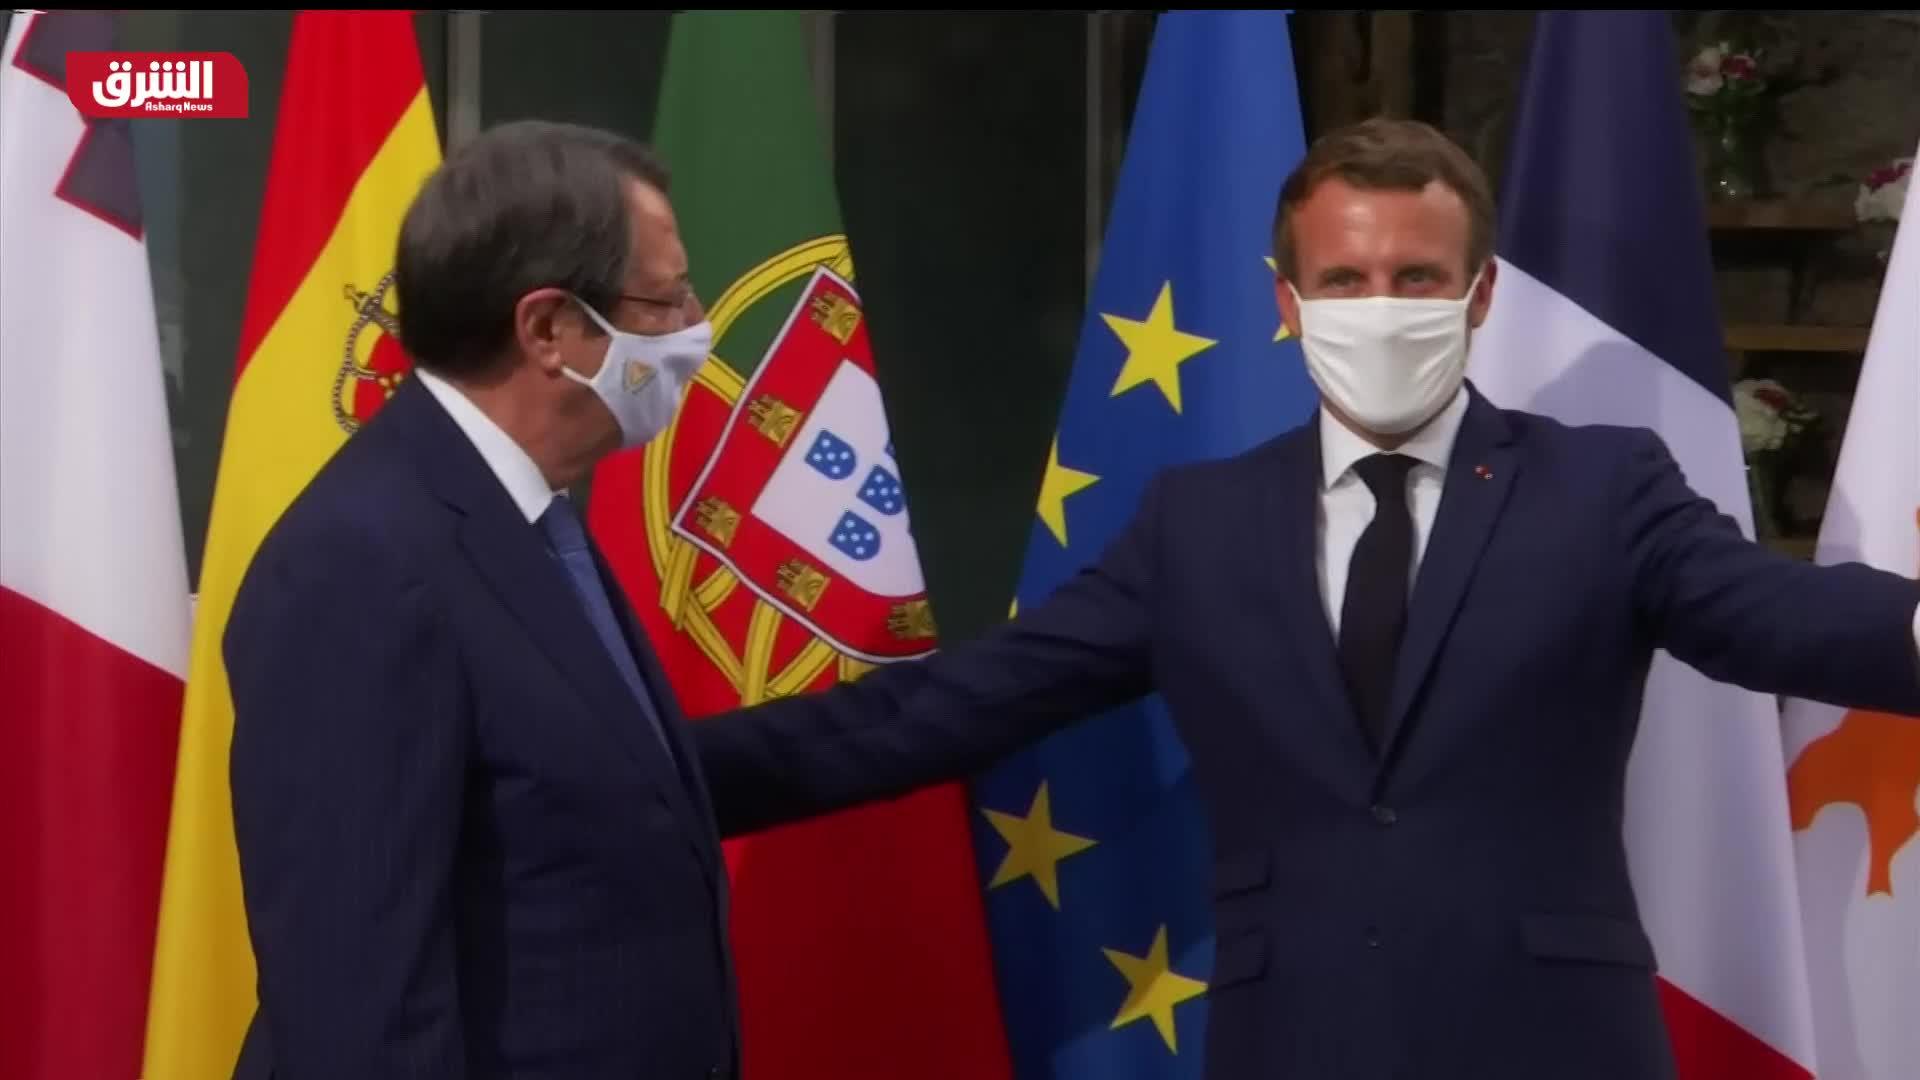 فرنسا وتركيا تتجهان إلى فك الخصام بينهما